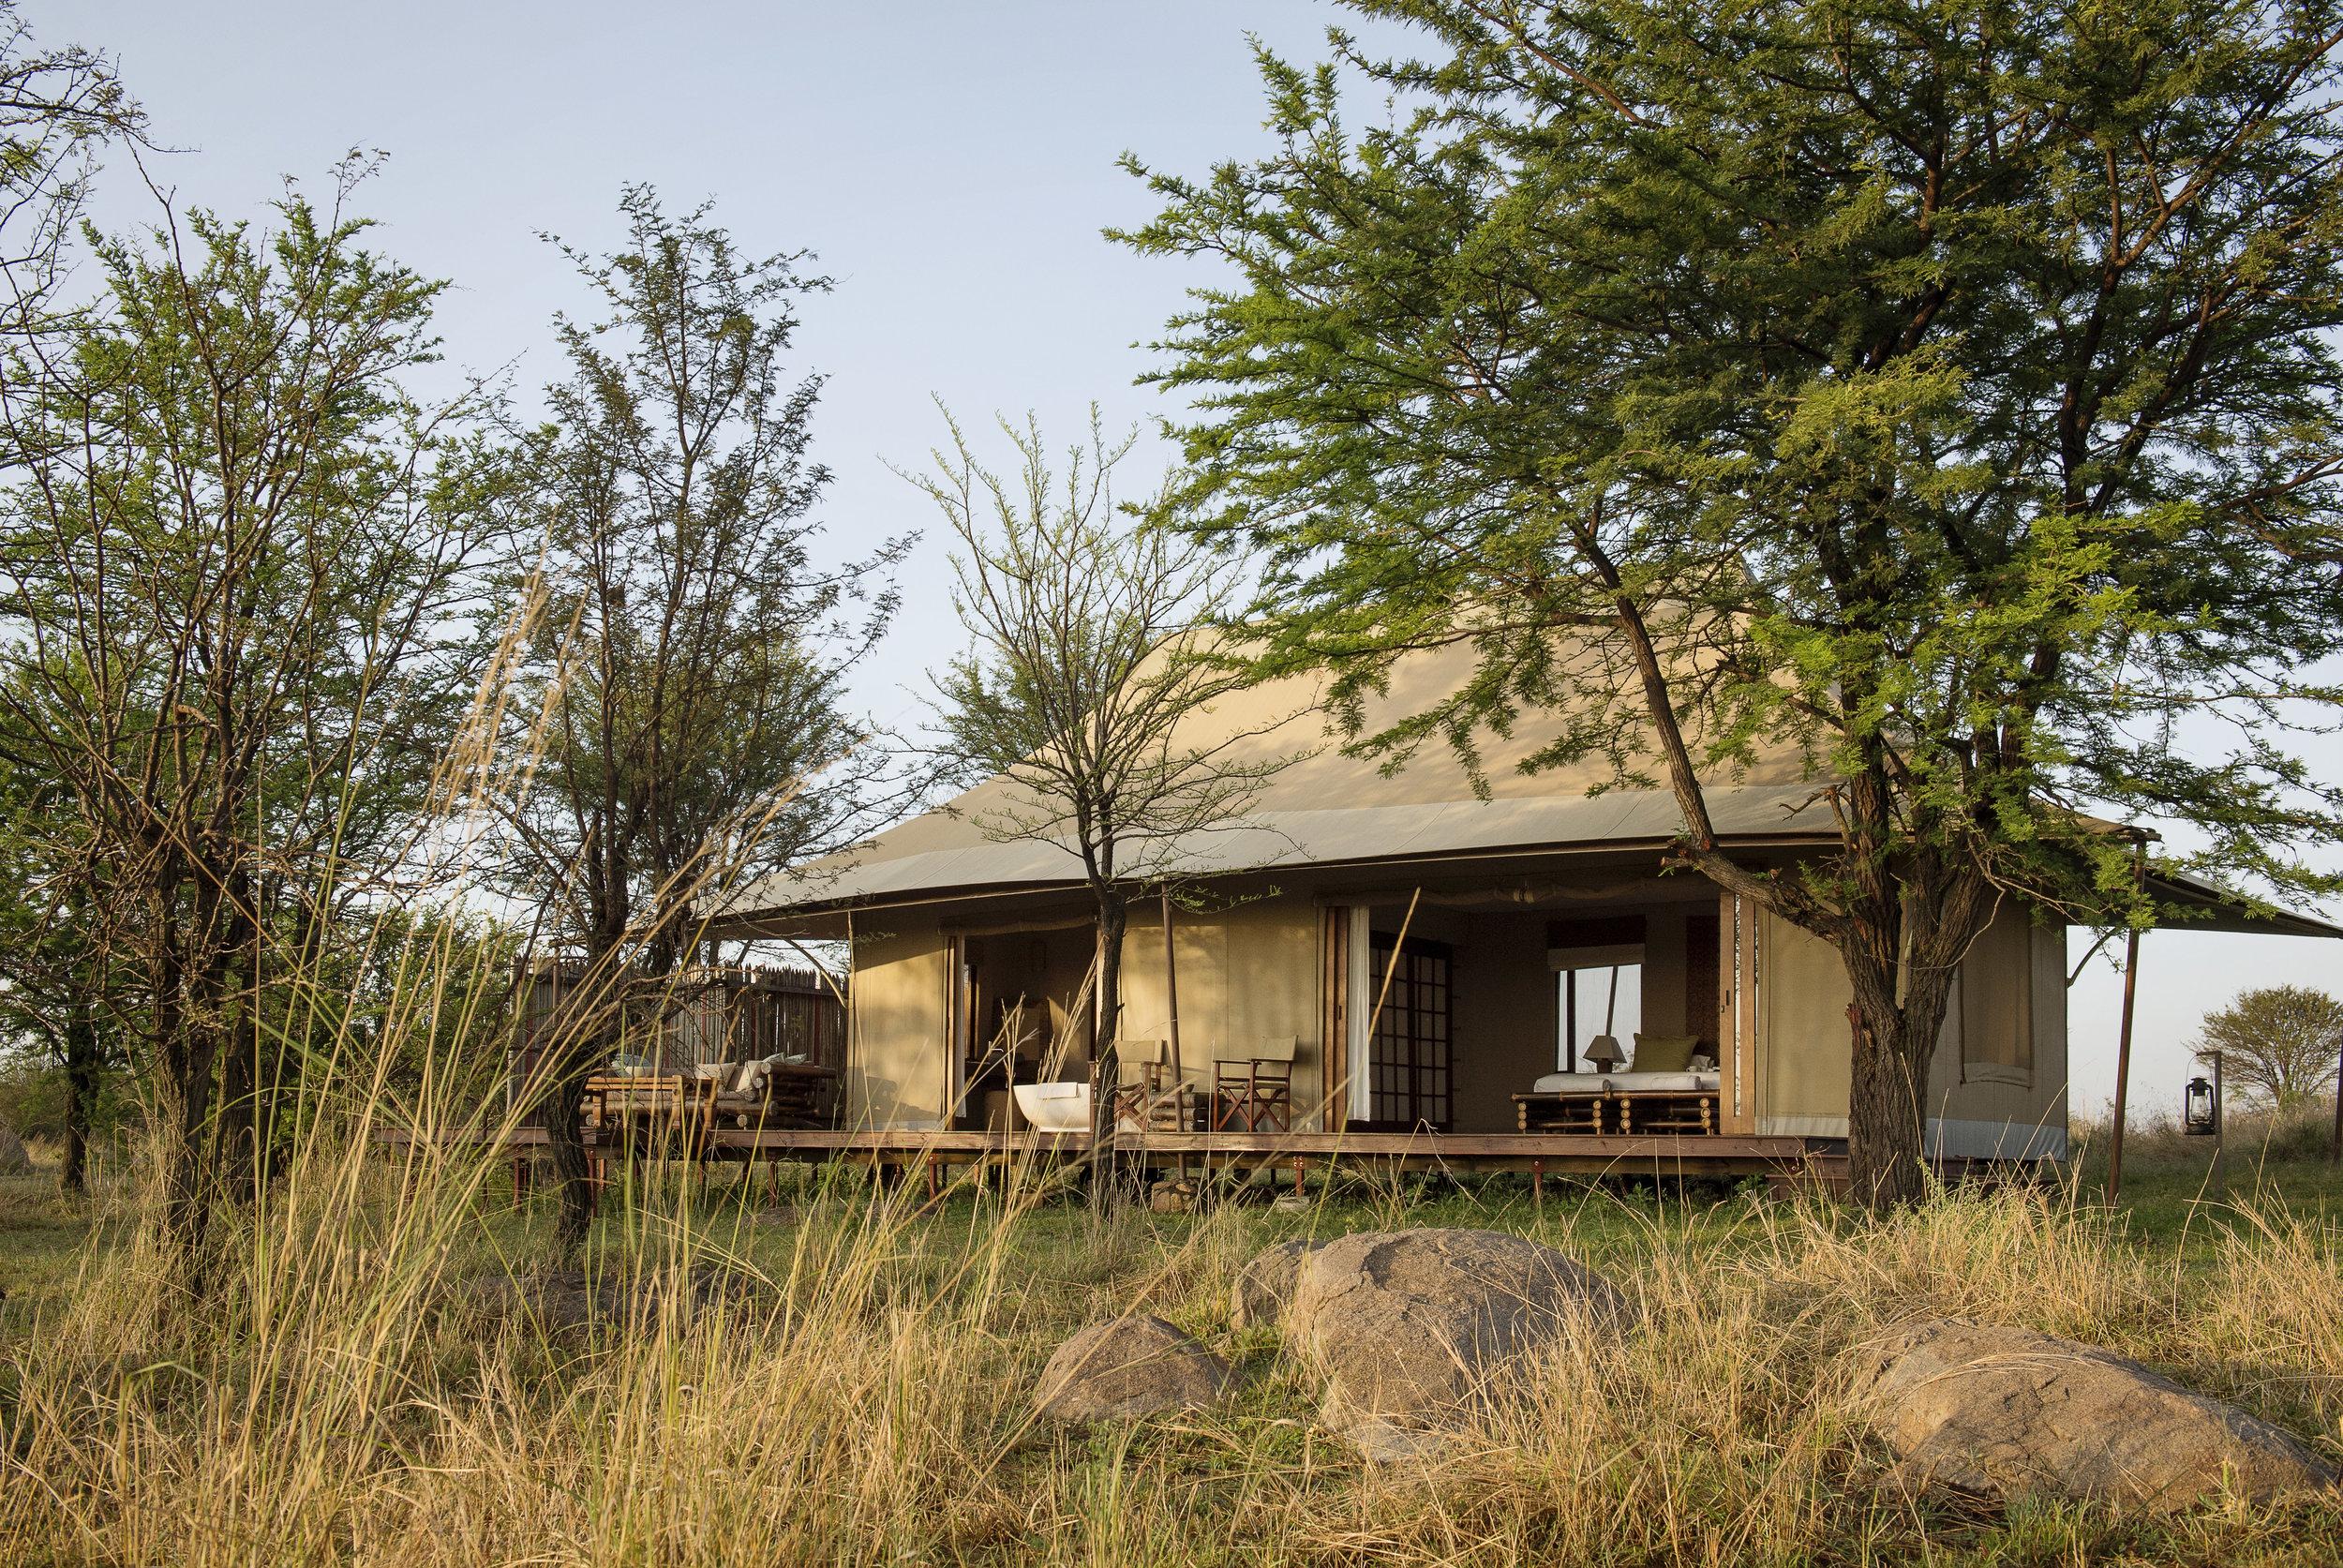 Sayari-Camp-Guest-Tent-Bedroom-Exterior-Eliza-Deacon-MR.jpg